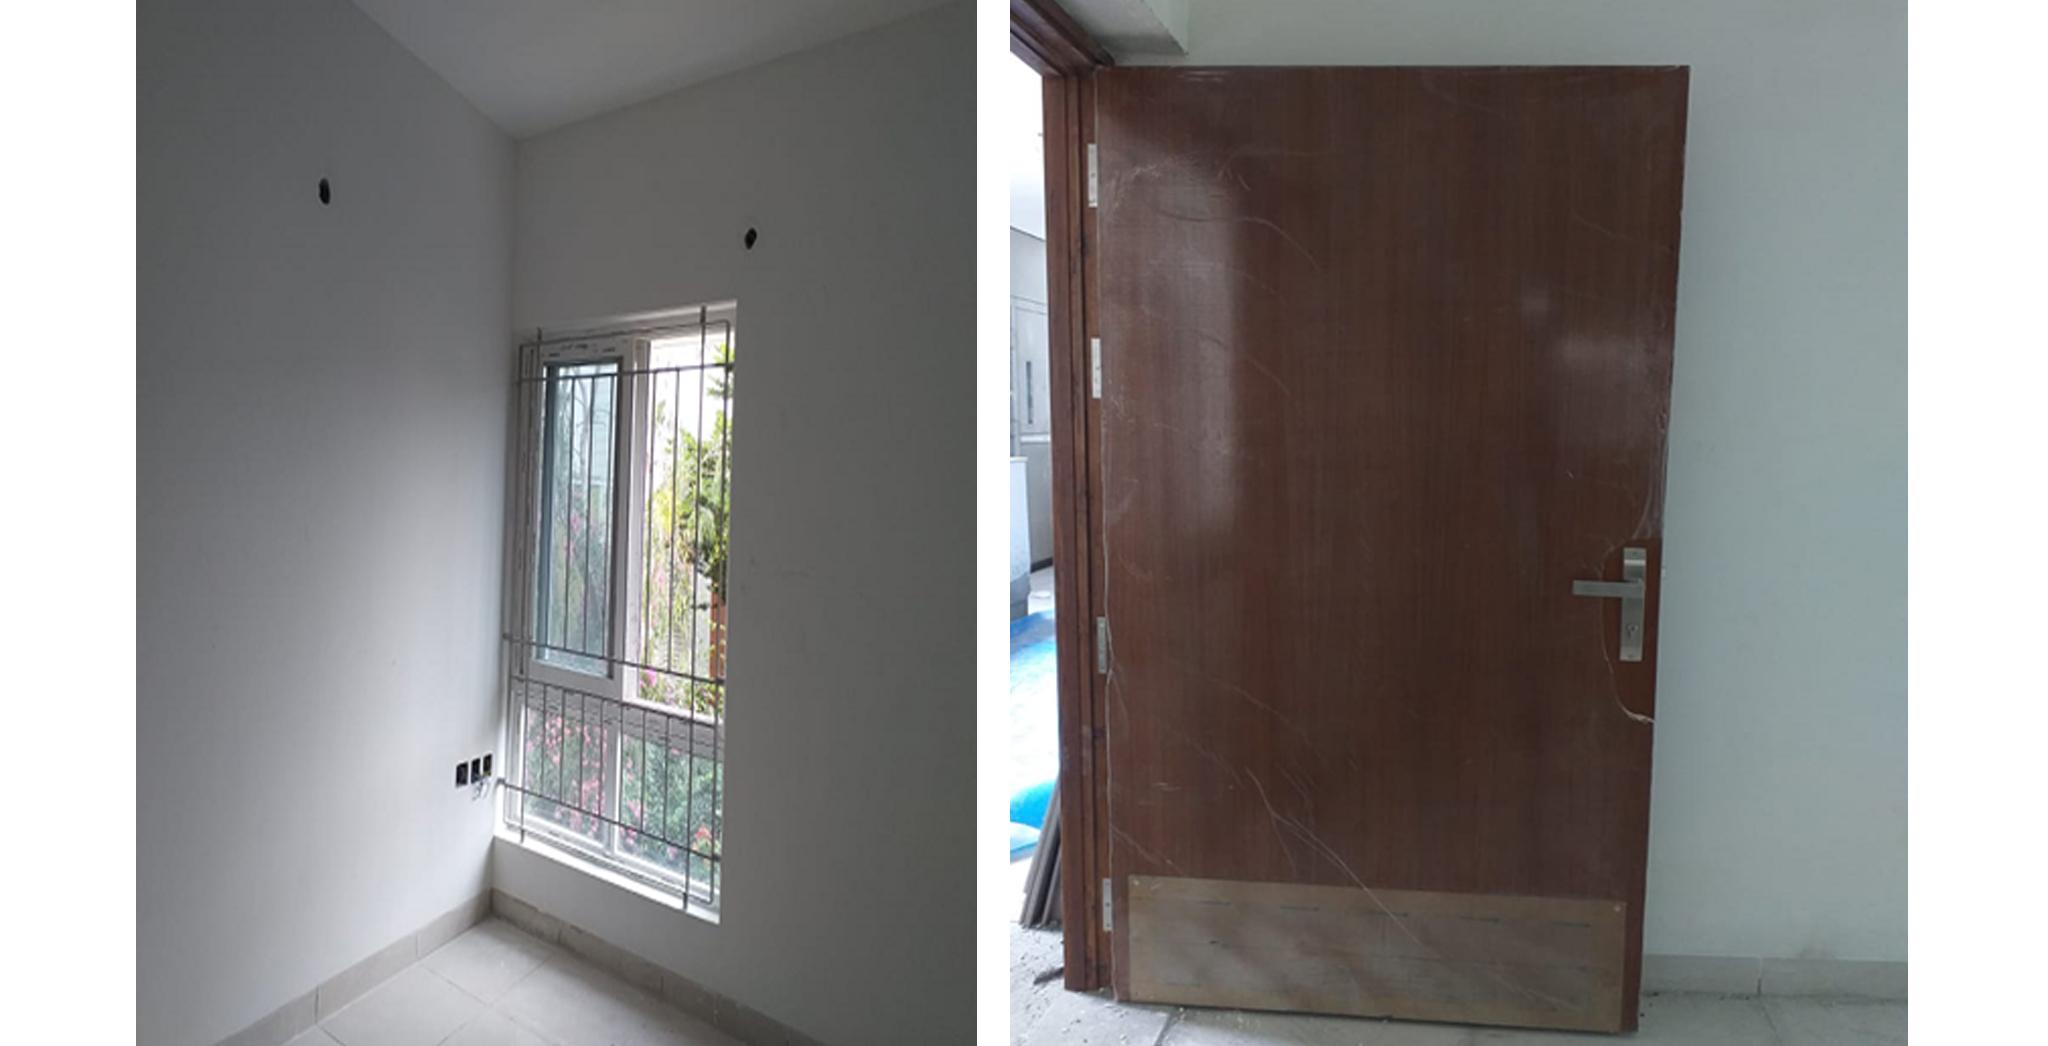 Aug 2021 - Block K, L, M and N: Window & door fixing works in progress